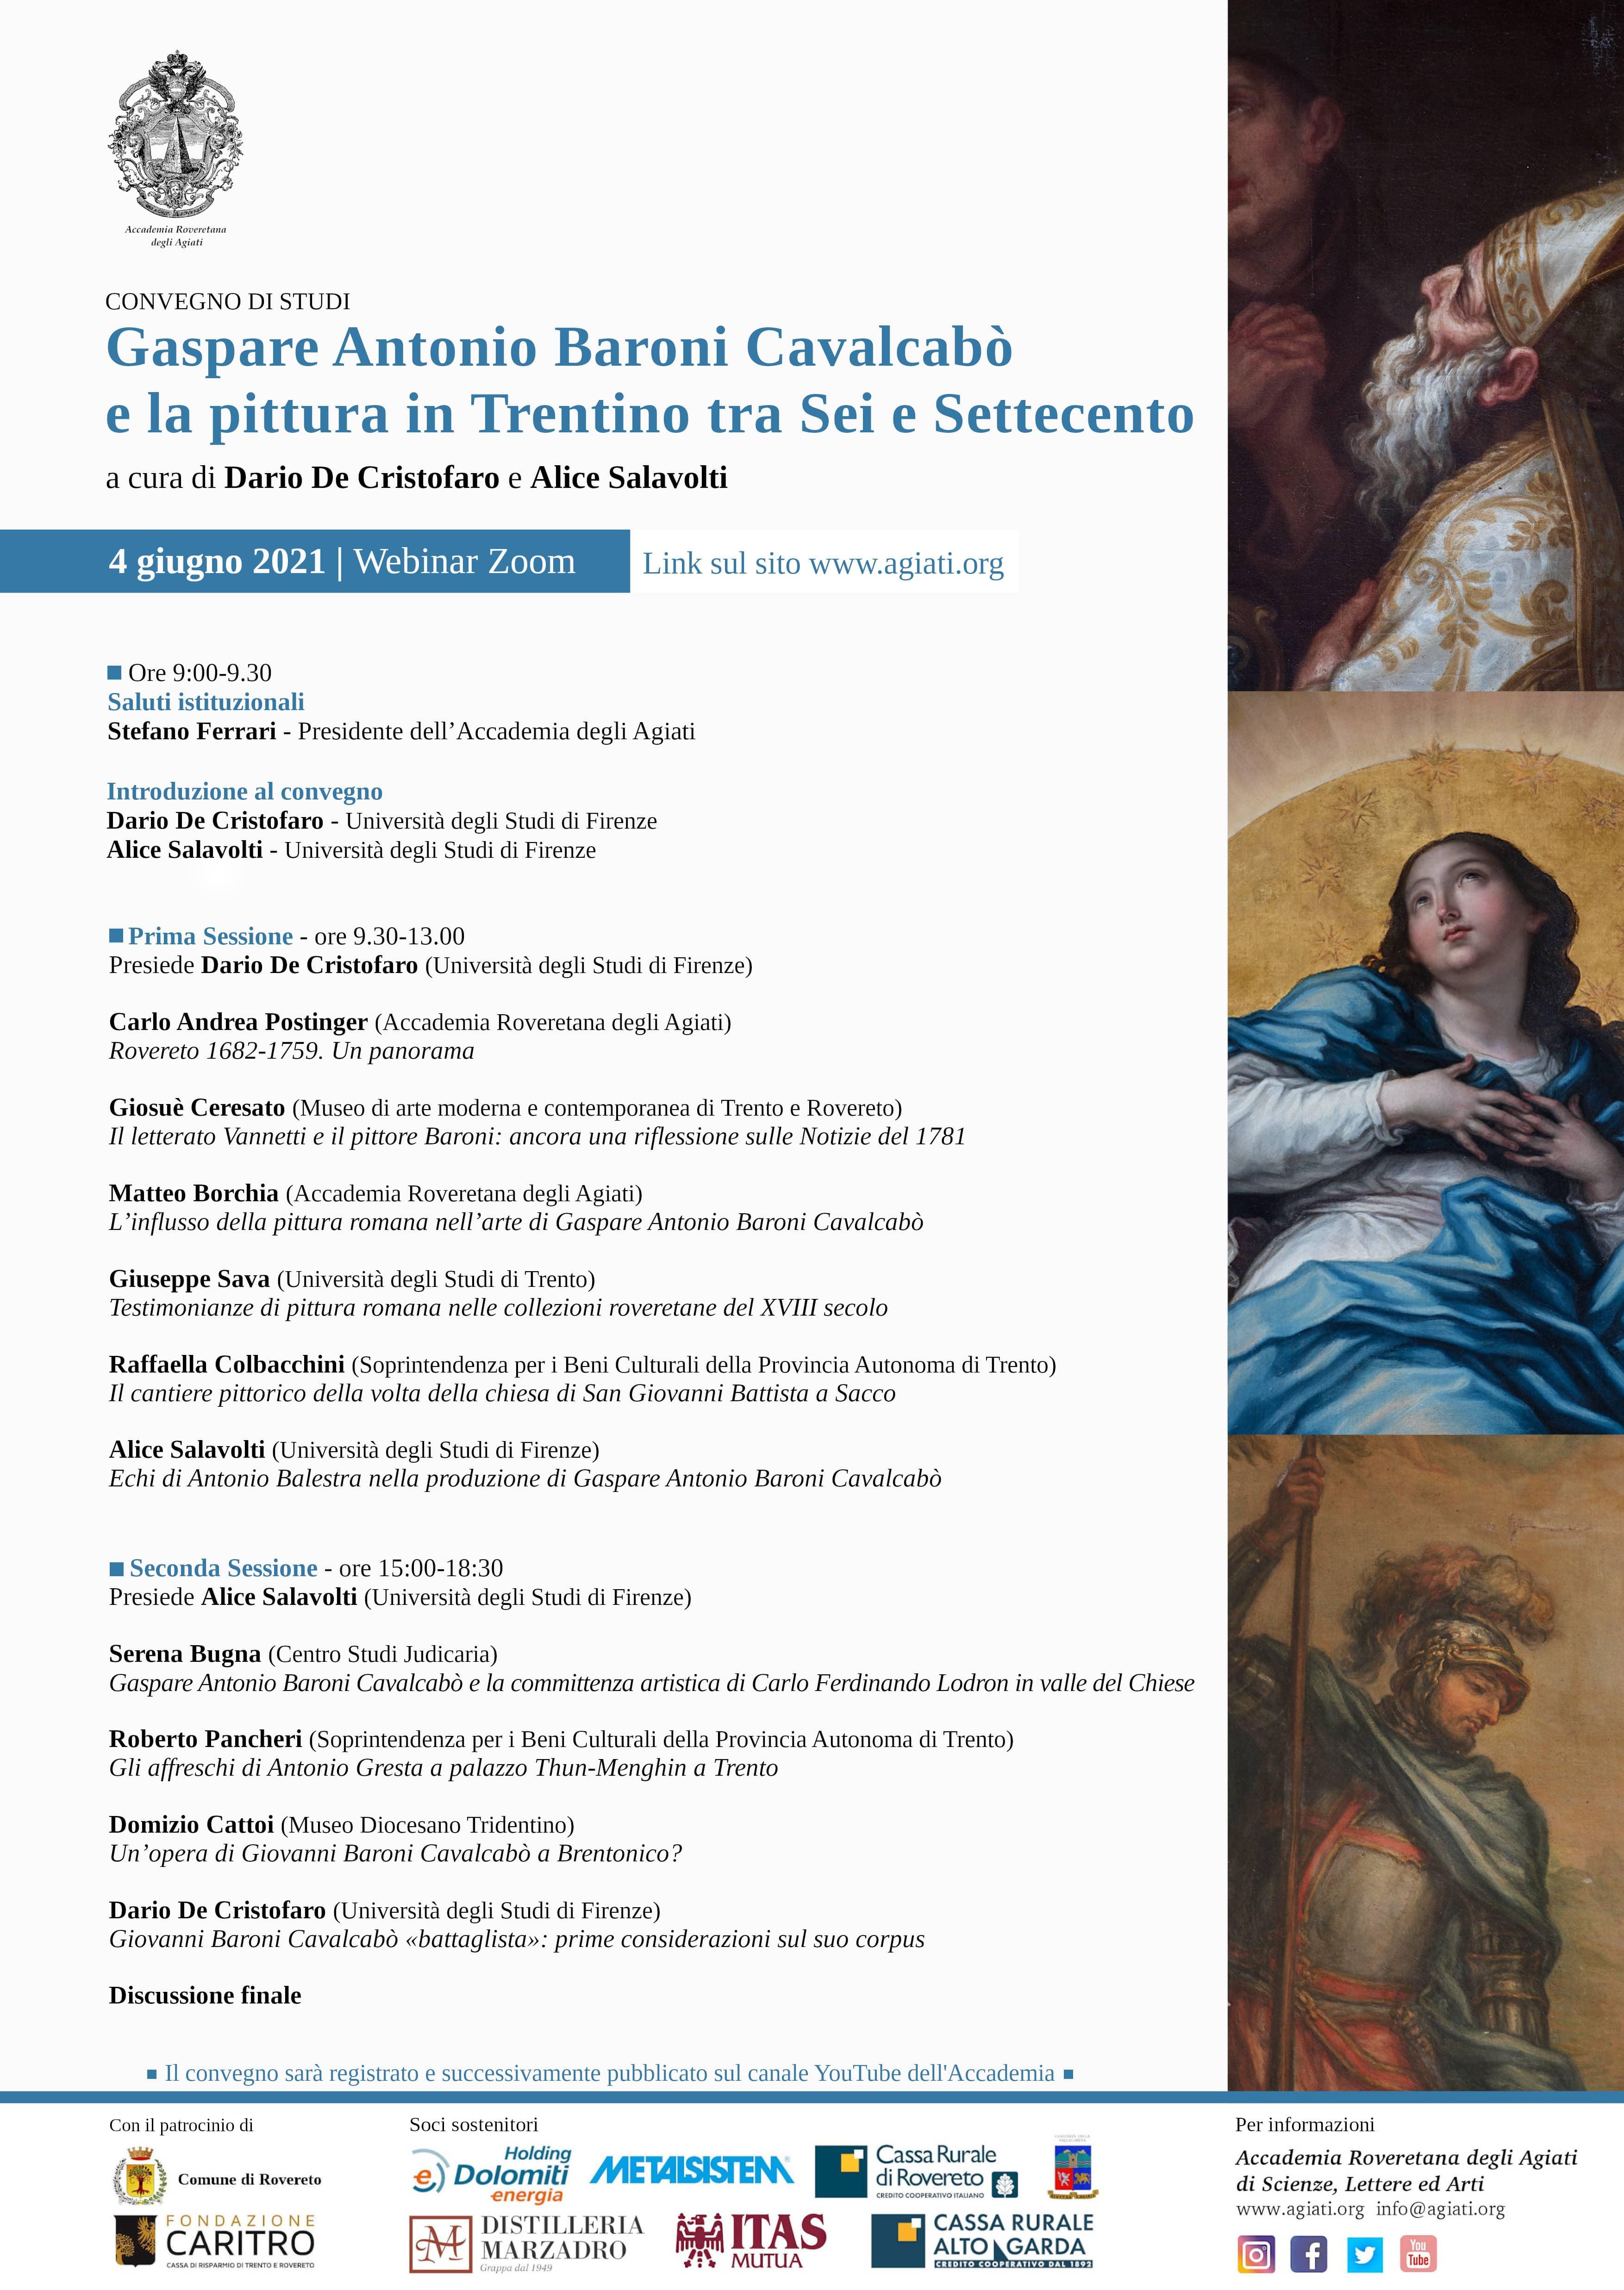 Gaspare Antonio Baroni Cavalcabò e la pittura in Trentino tra Sei e Settecento